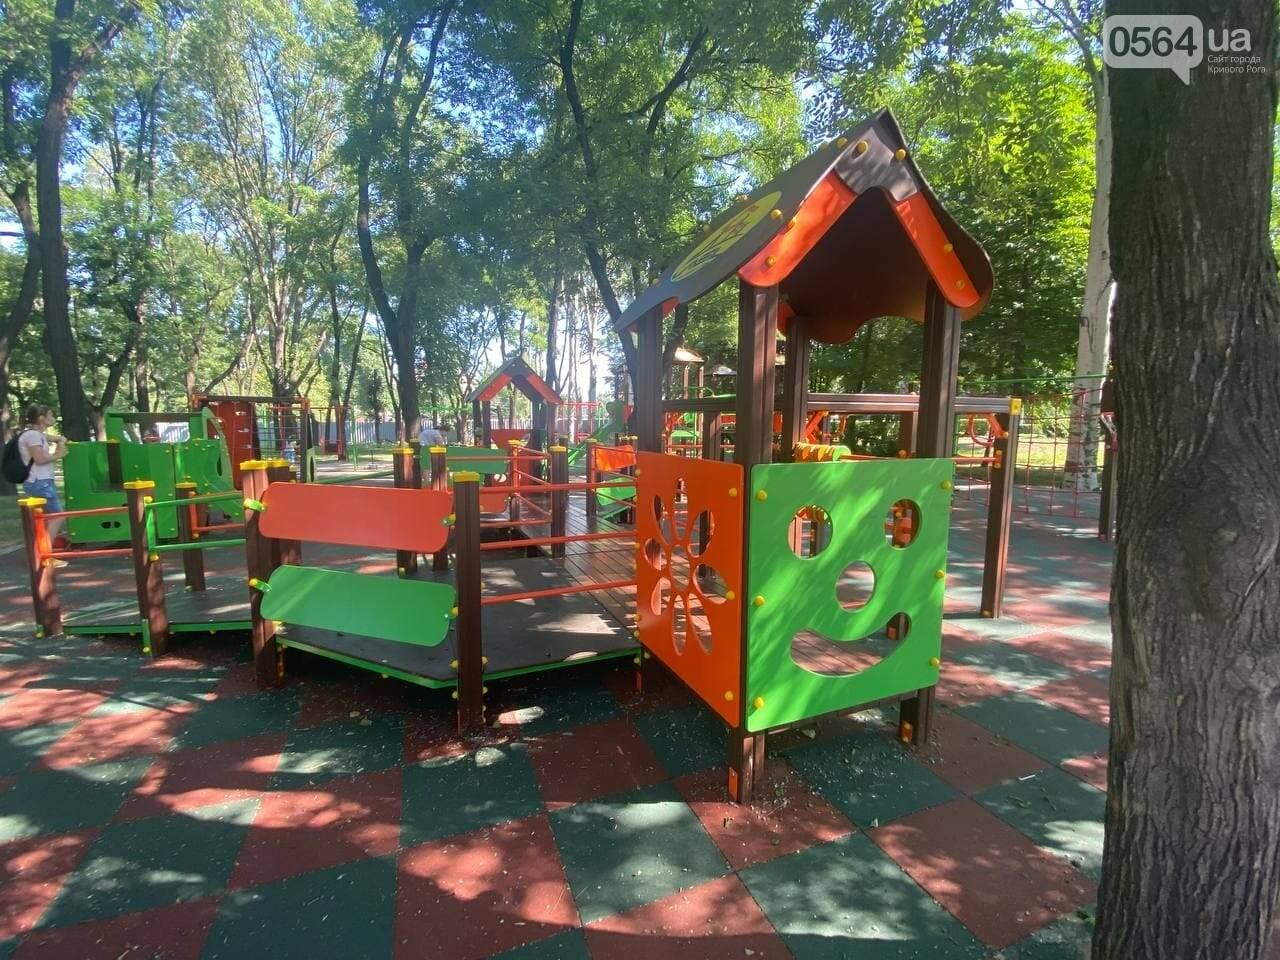 В Кривом Роге родители обсуждают безопасность новой детской площадки возле горисполкома, - ФОТО , фото-4